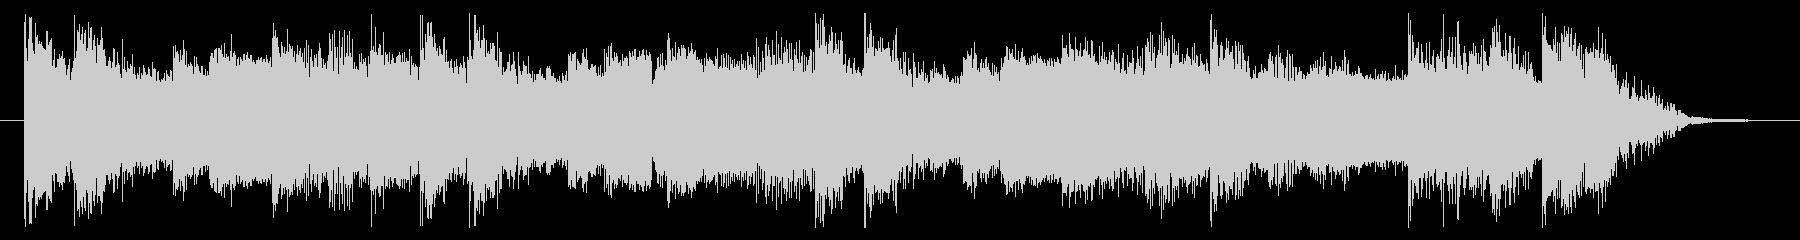 パワフル&クール、重厚なロックなロゴの未再生の波形